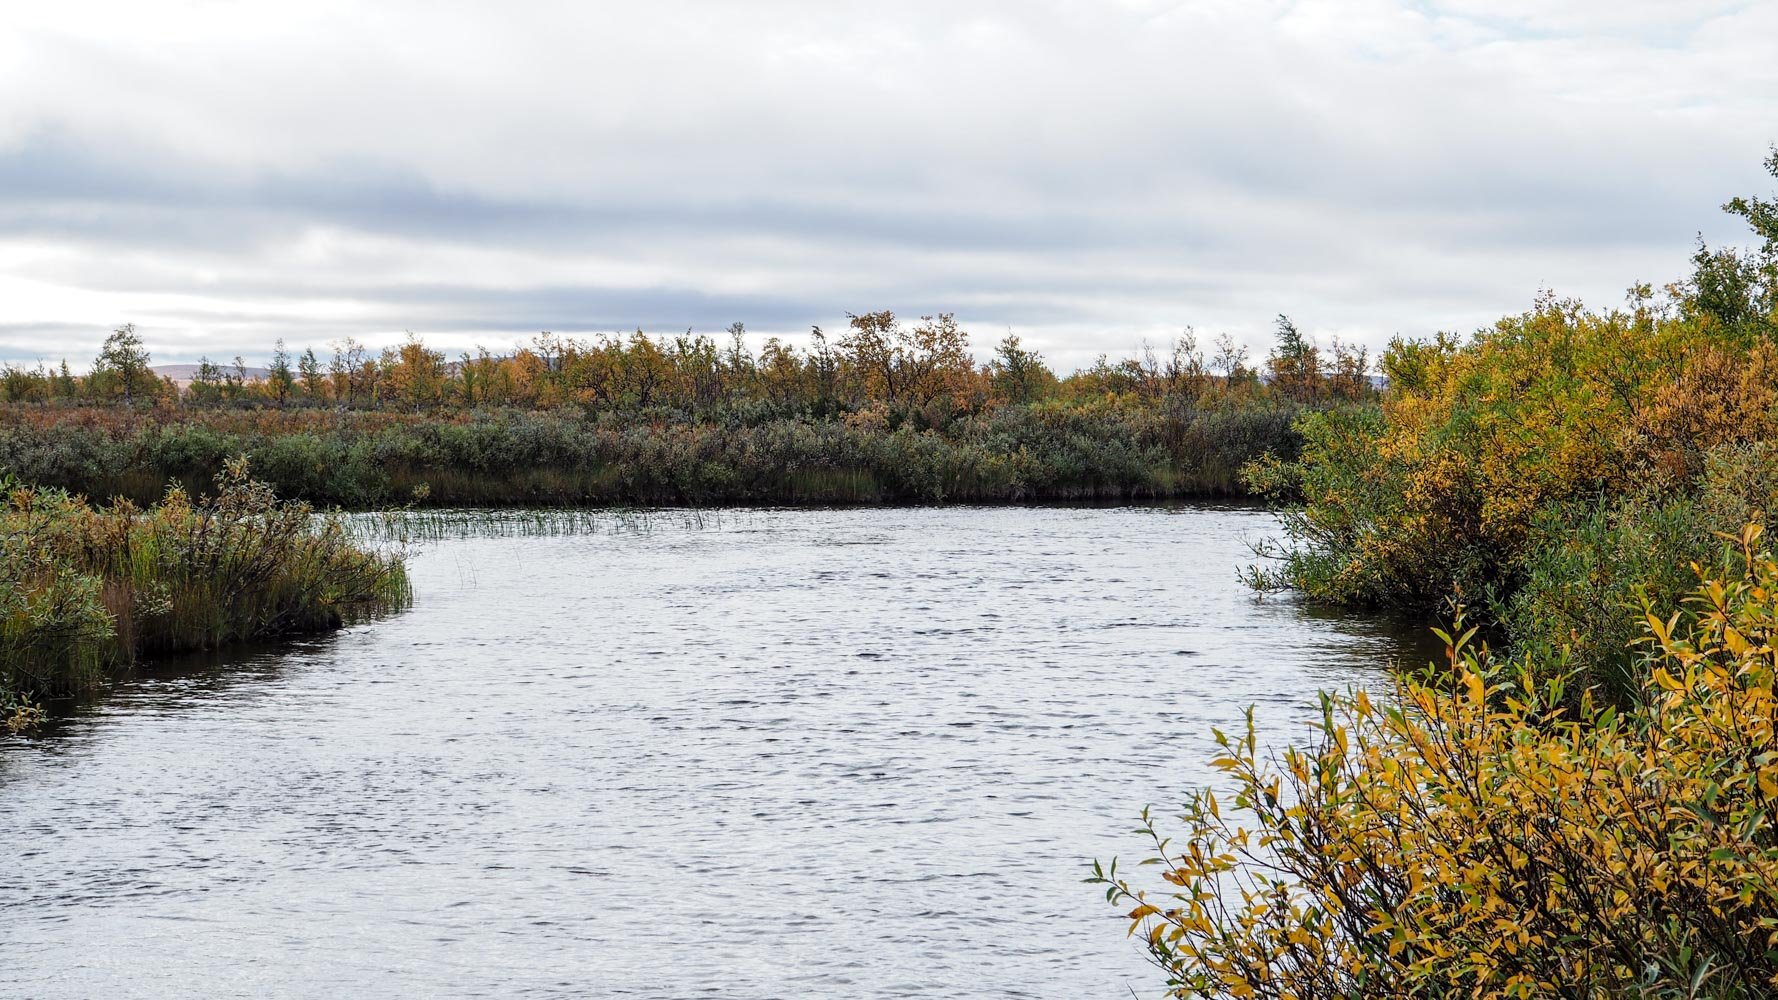 Kuvassa noin kymmenen metriä leveä Pöyrisjoki, jonka molemmat rannat kasvavat tiheää pajupensaikkoa.